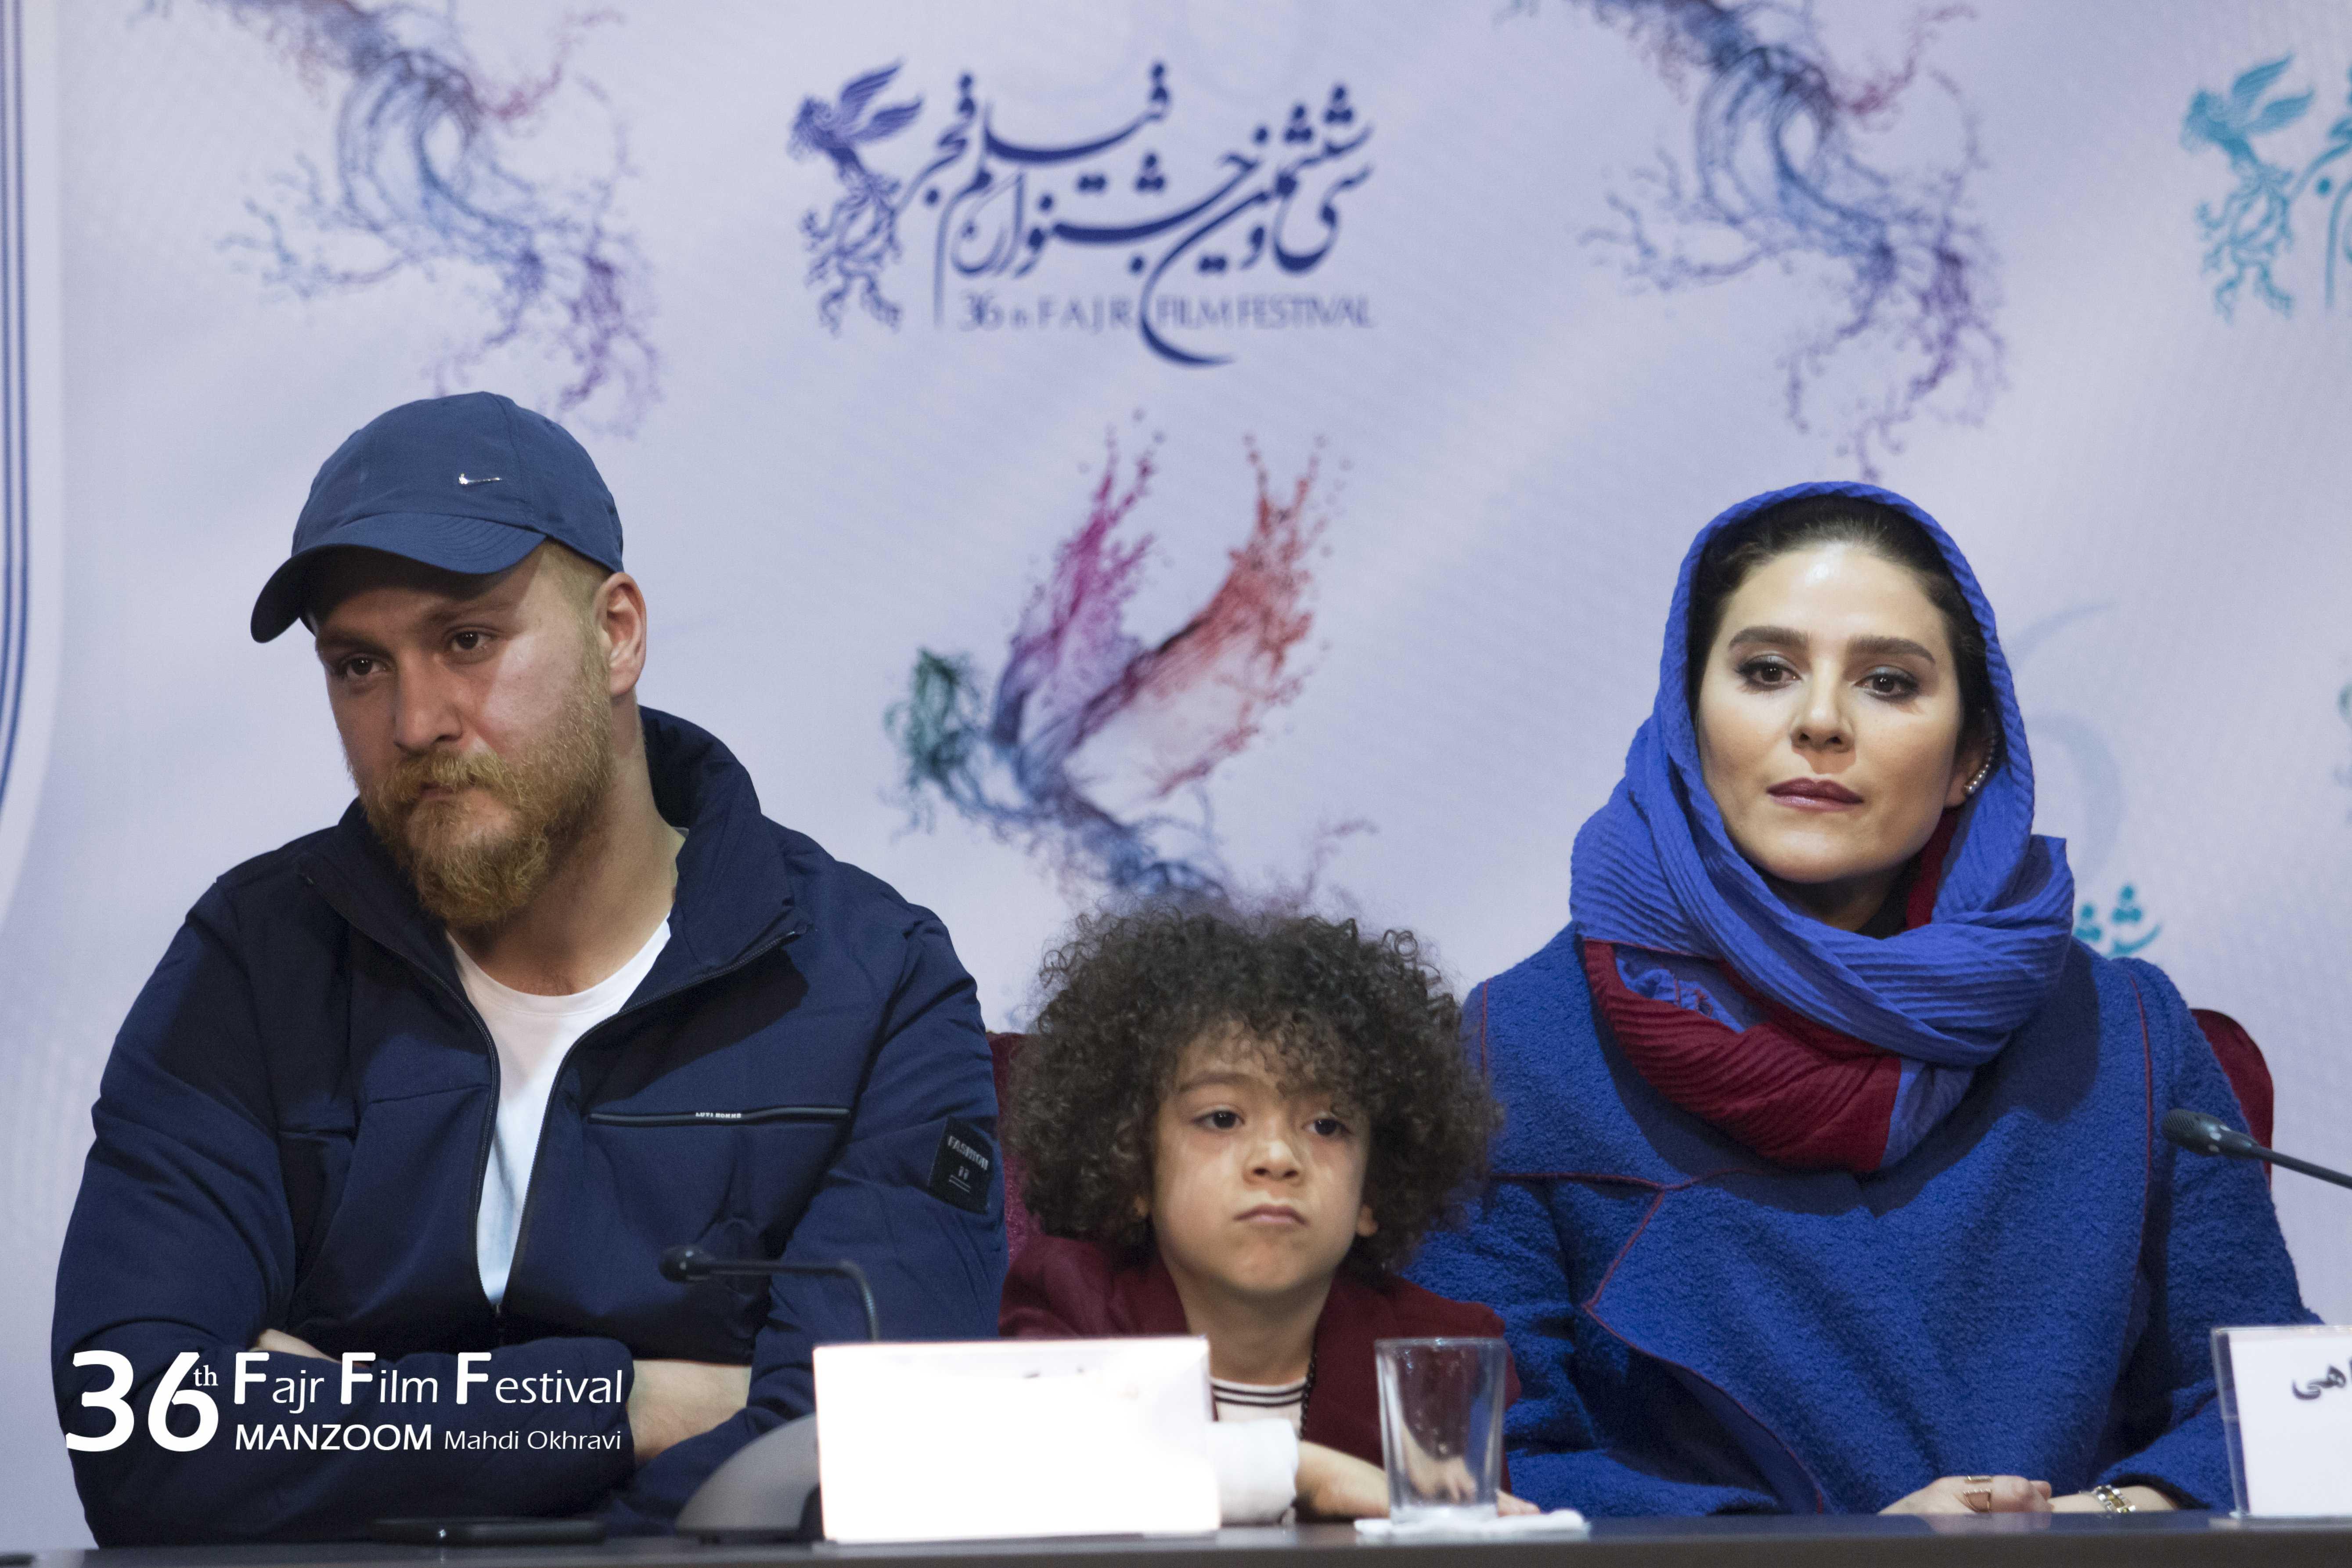 فیلم سینمایی امیر با حضور سحر قریشی، میلاد کیمرام و آرتین گلچین